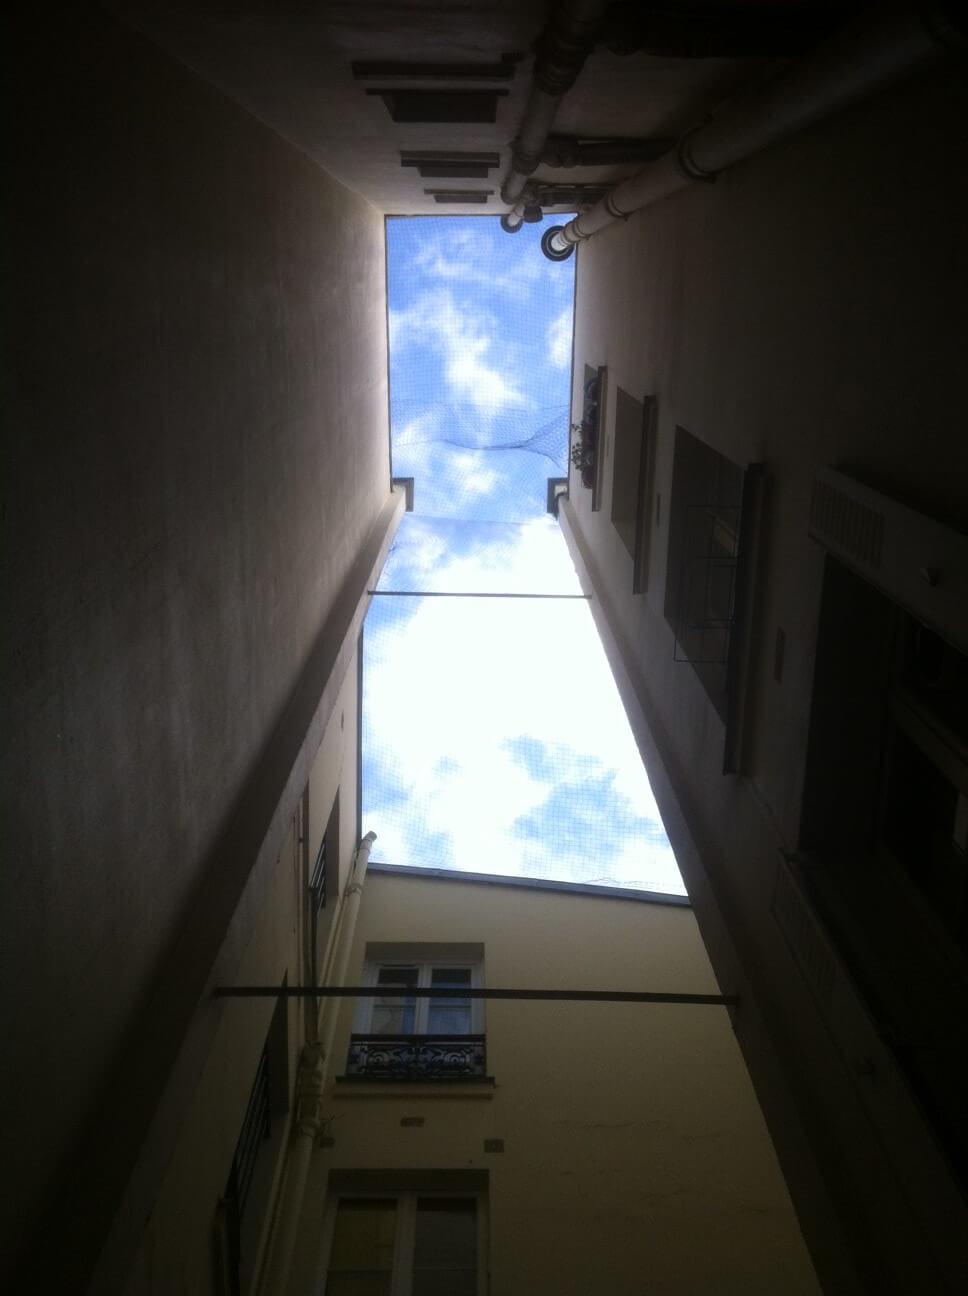 espaciel - pleine lumière dans un rez-de-chaussée sur cour intérieure